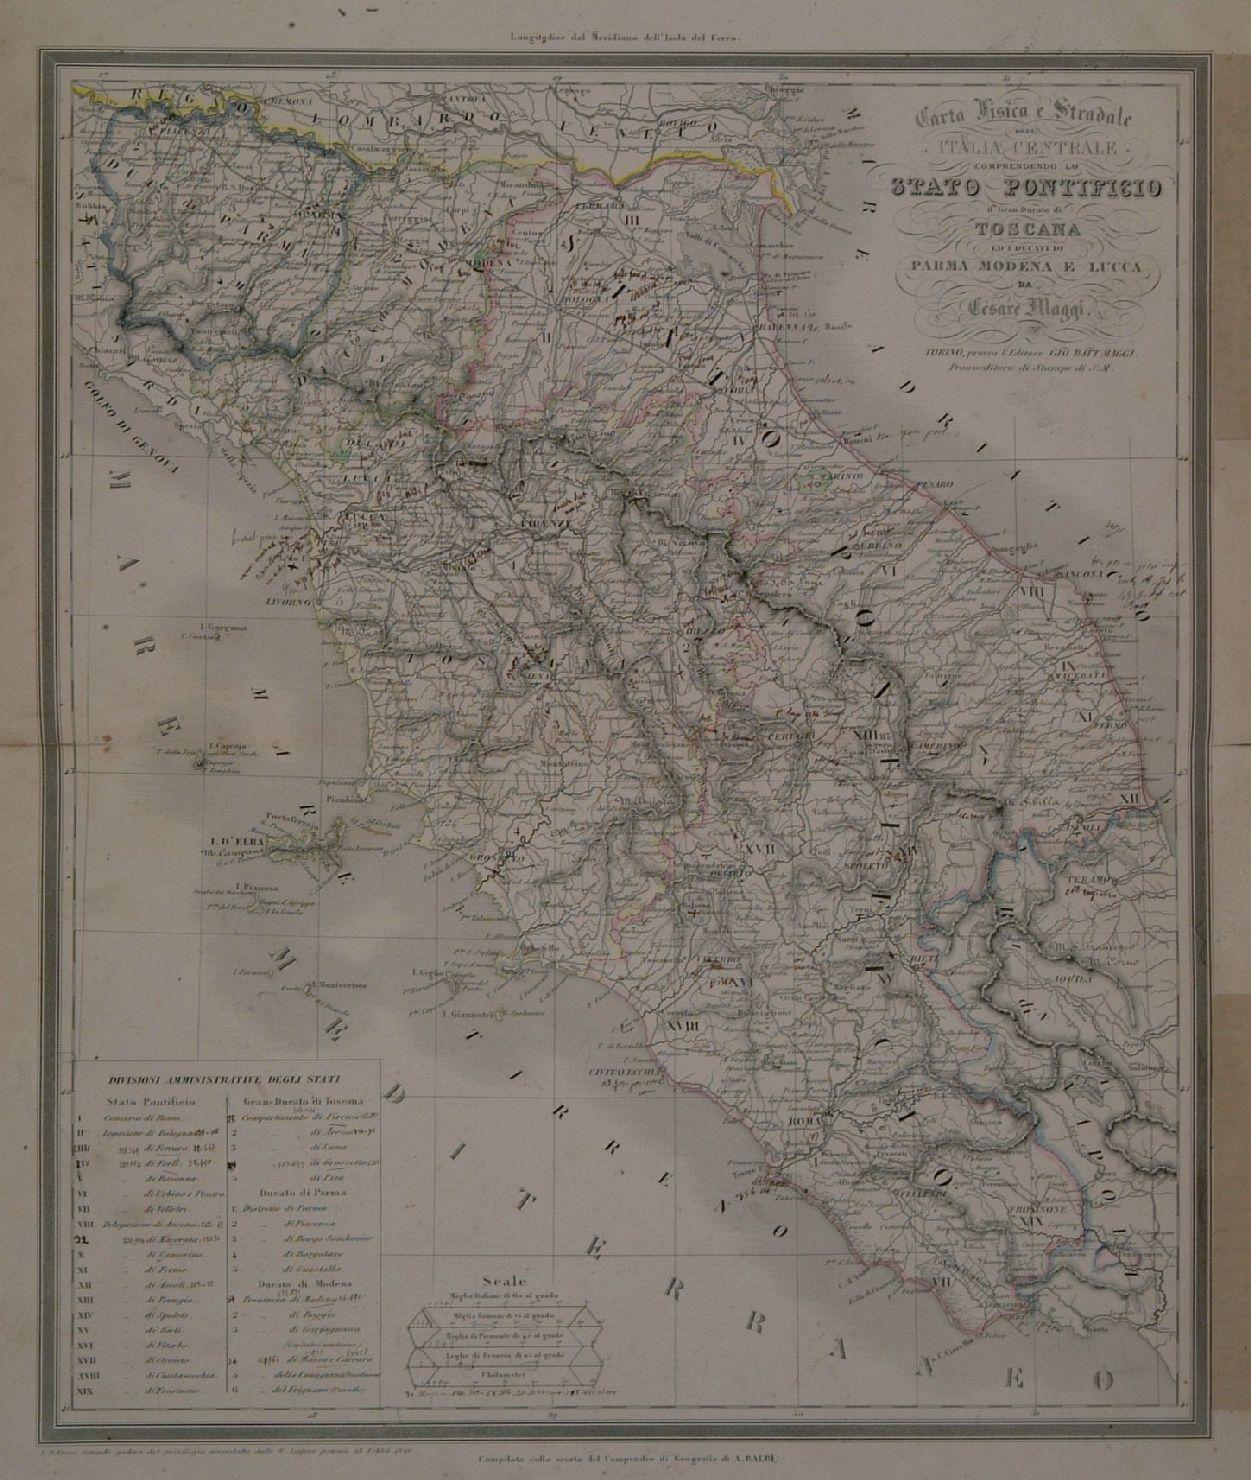 Stradale Cartina Geografica Toscana.Carta Fisica E Stradale Dell Italia Centrale Comprendendo Lo Stato